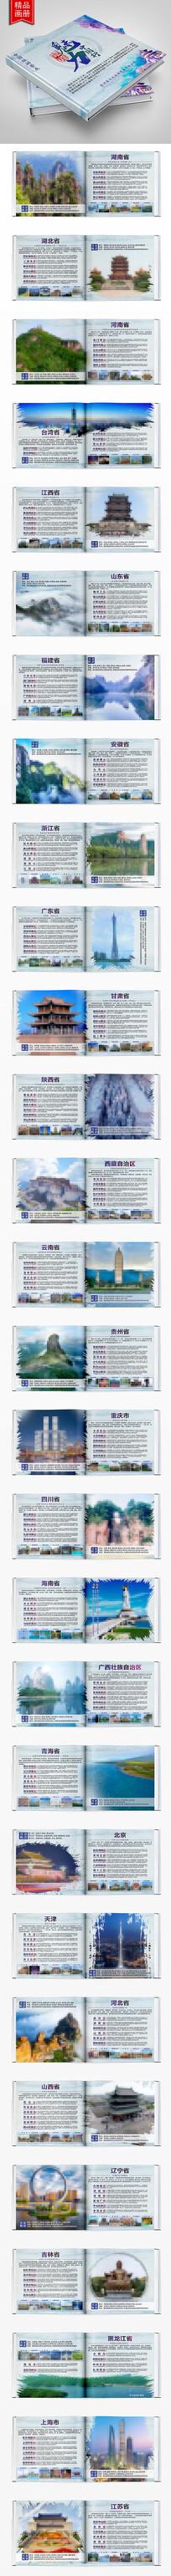 整套全国各省景点旅游画册